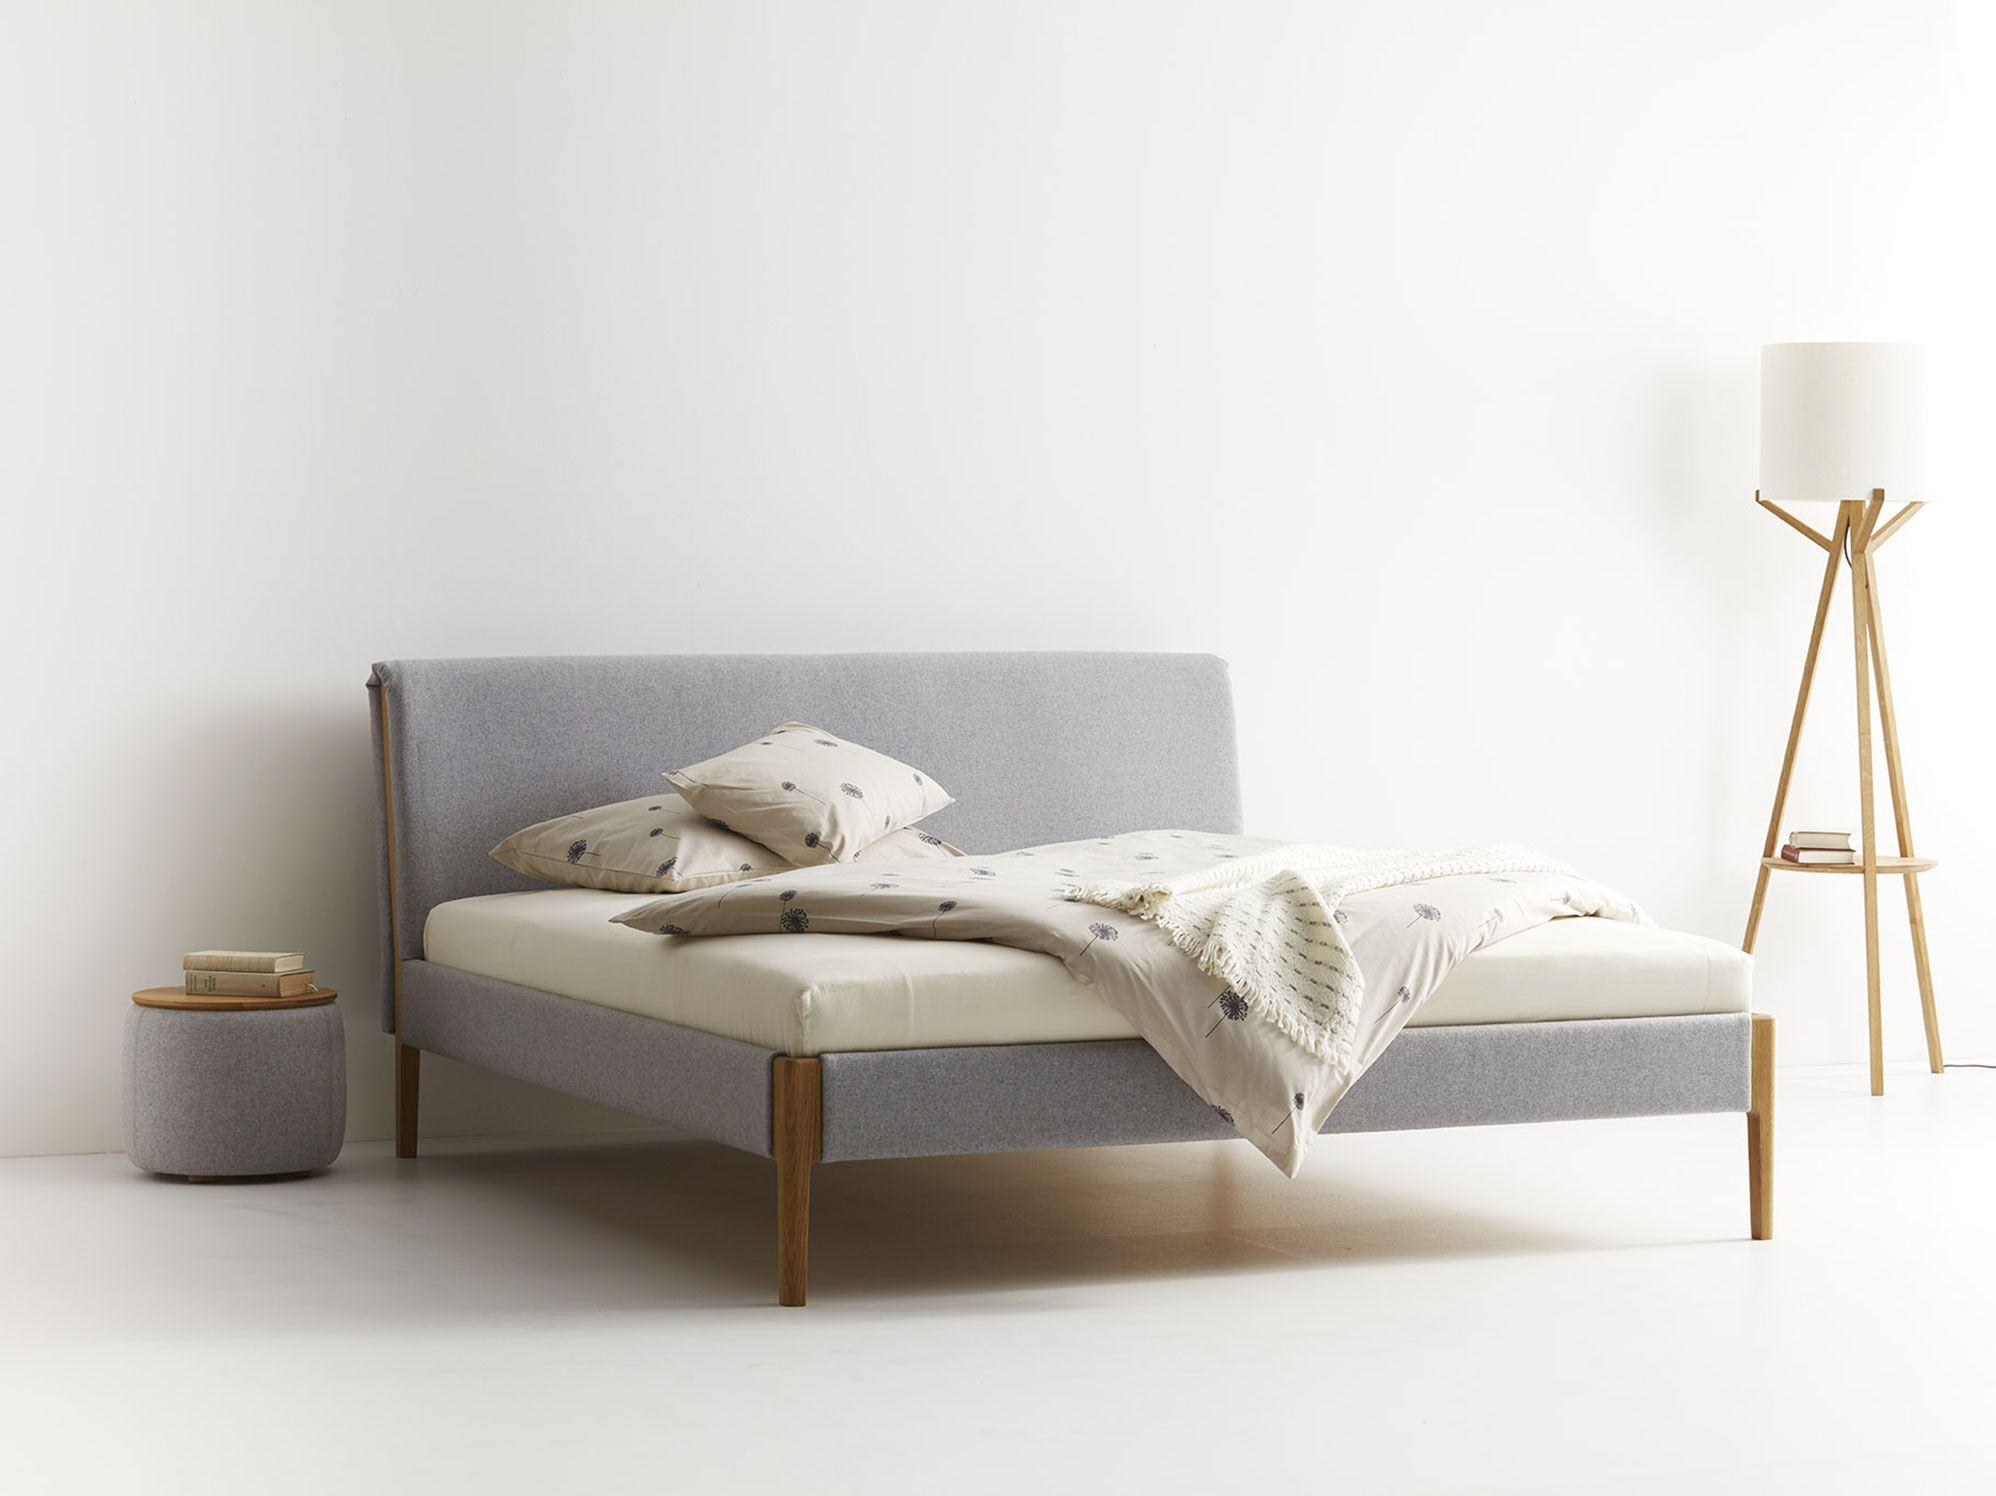 Polsterbett Lorea In 2019 R O O M D E C O R Simple Bed Bed Und